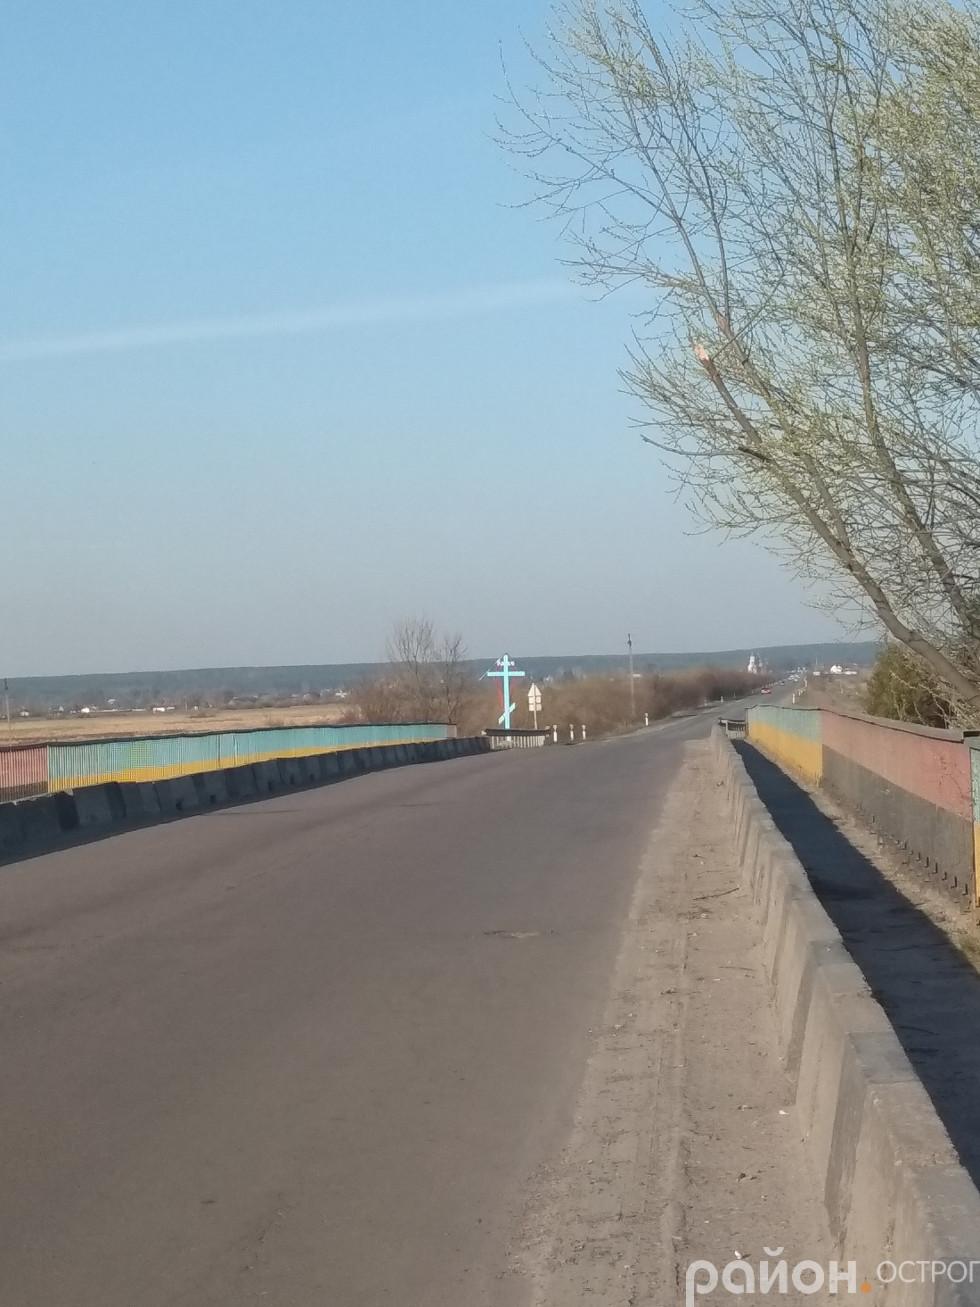 Міст через Вілію. Удалині село Вельбівно